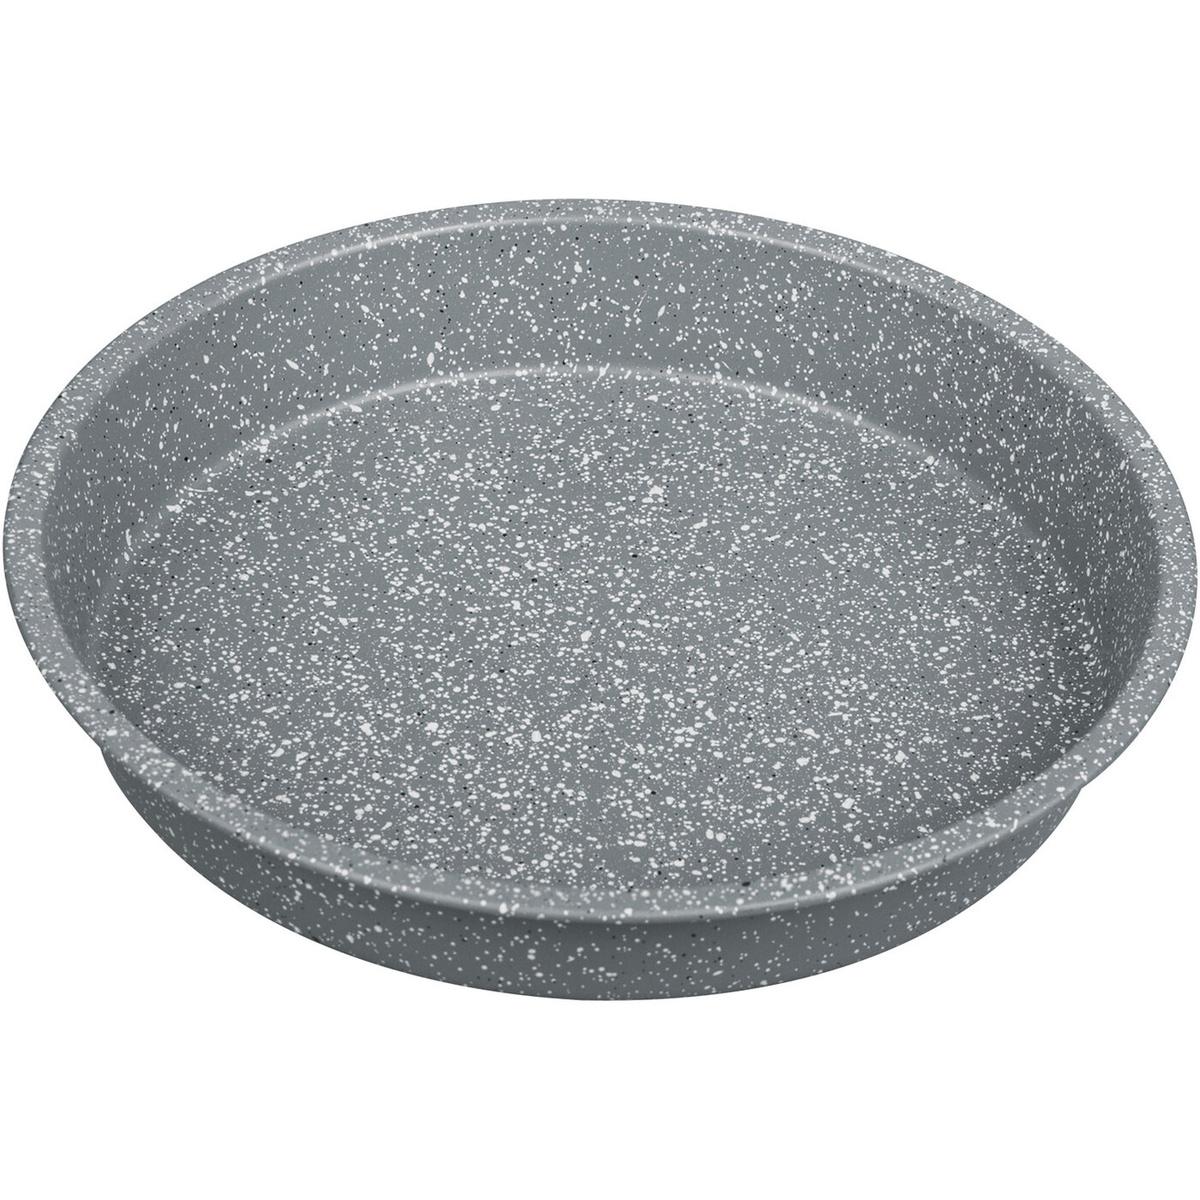 Форма для выпечки Rainstahl, диаметр 32 см, 1 яч., 1 шт #1